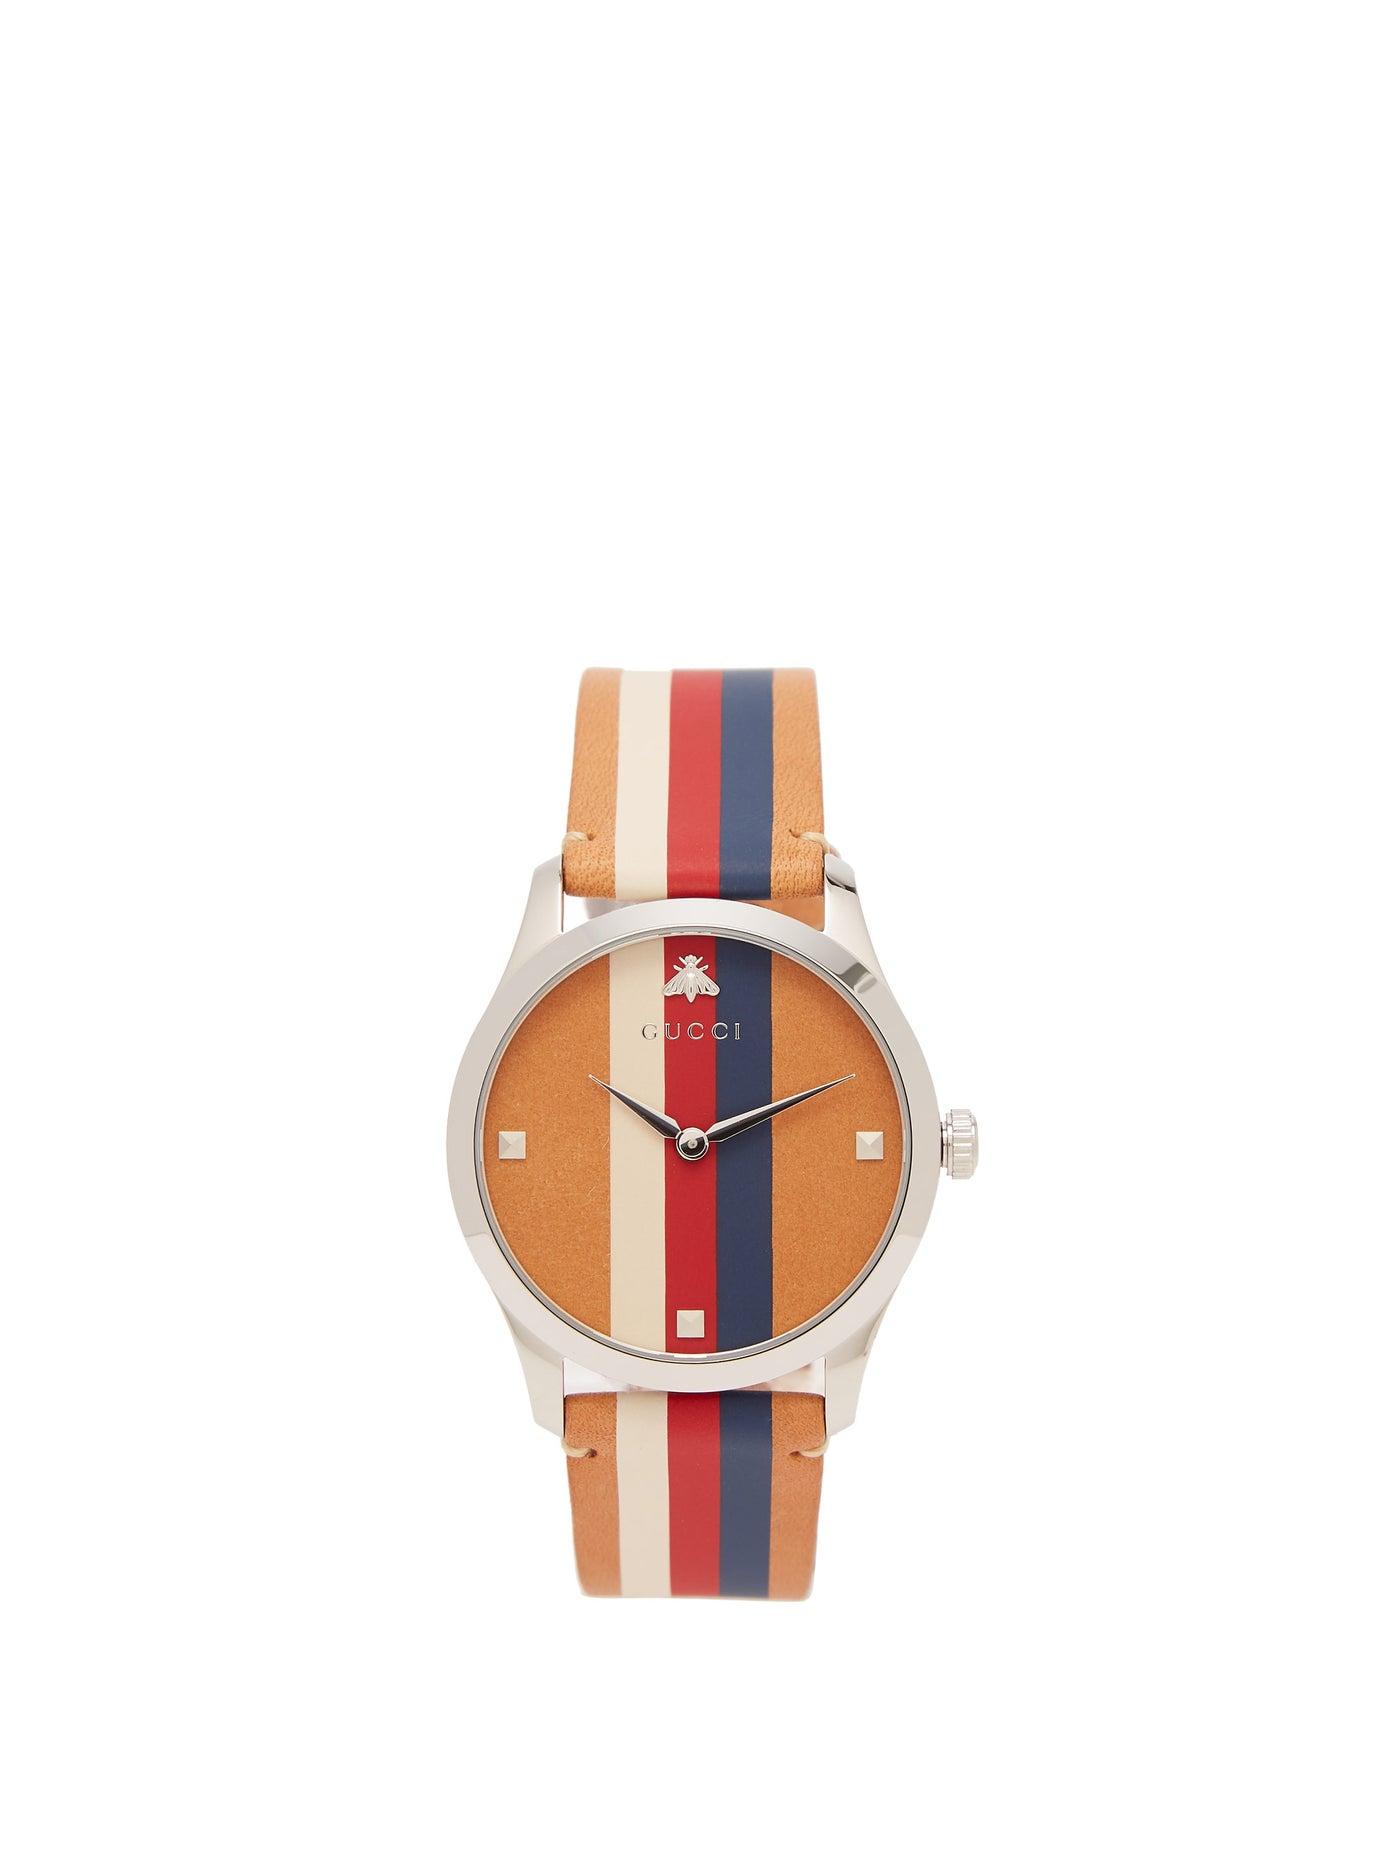 ساعة أنيقة وبتصميم مميز من Gucci